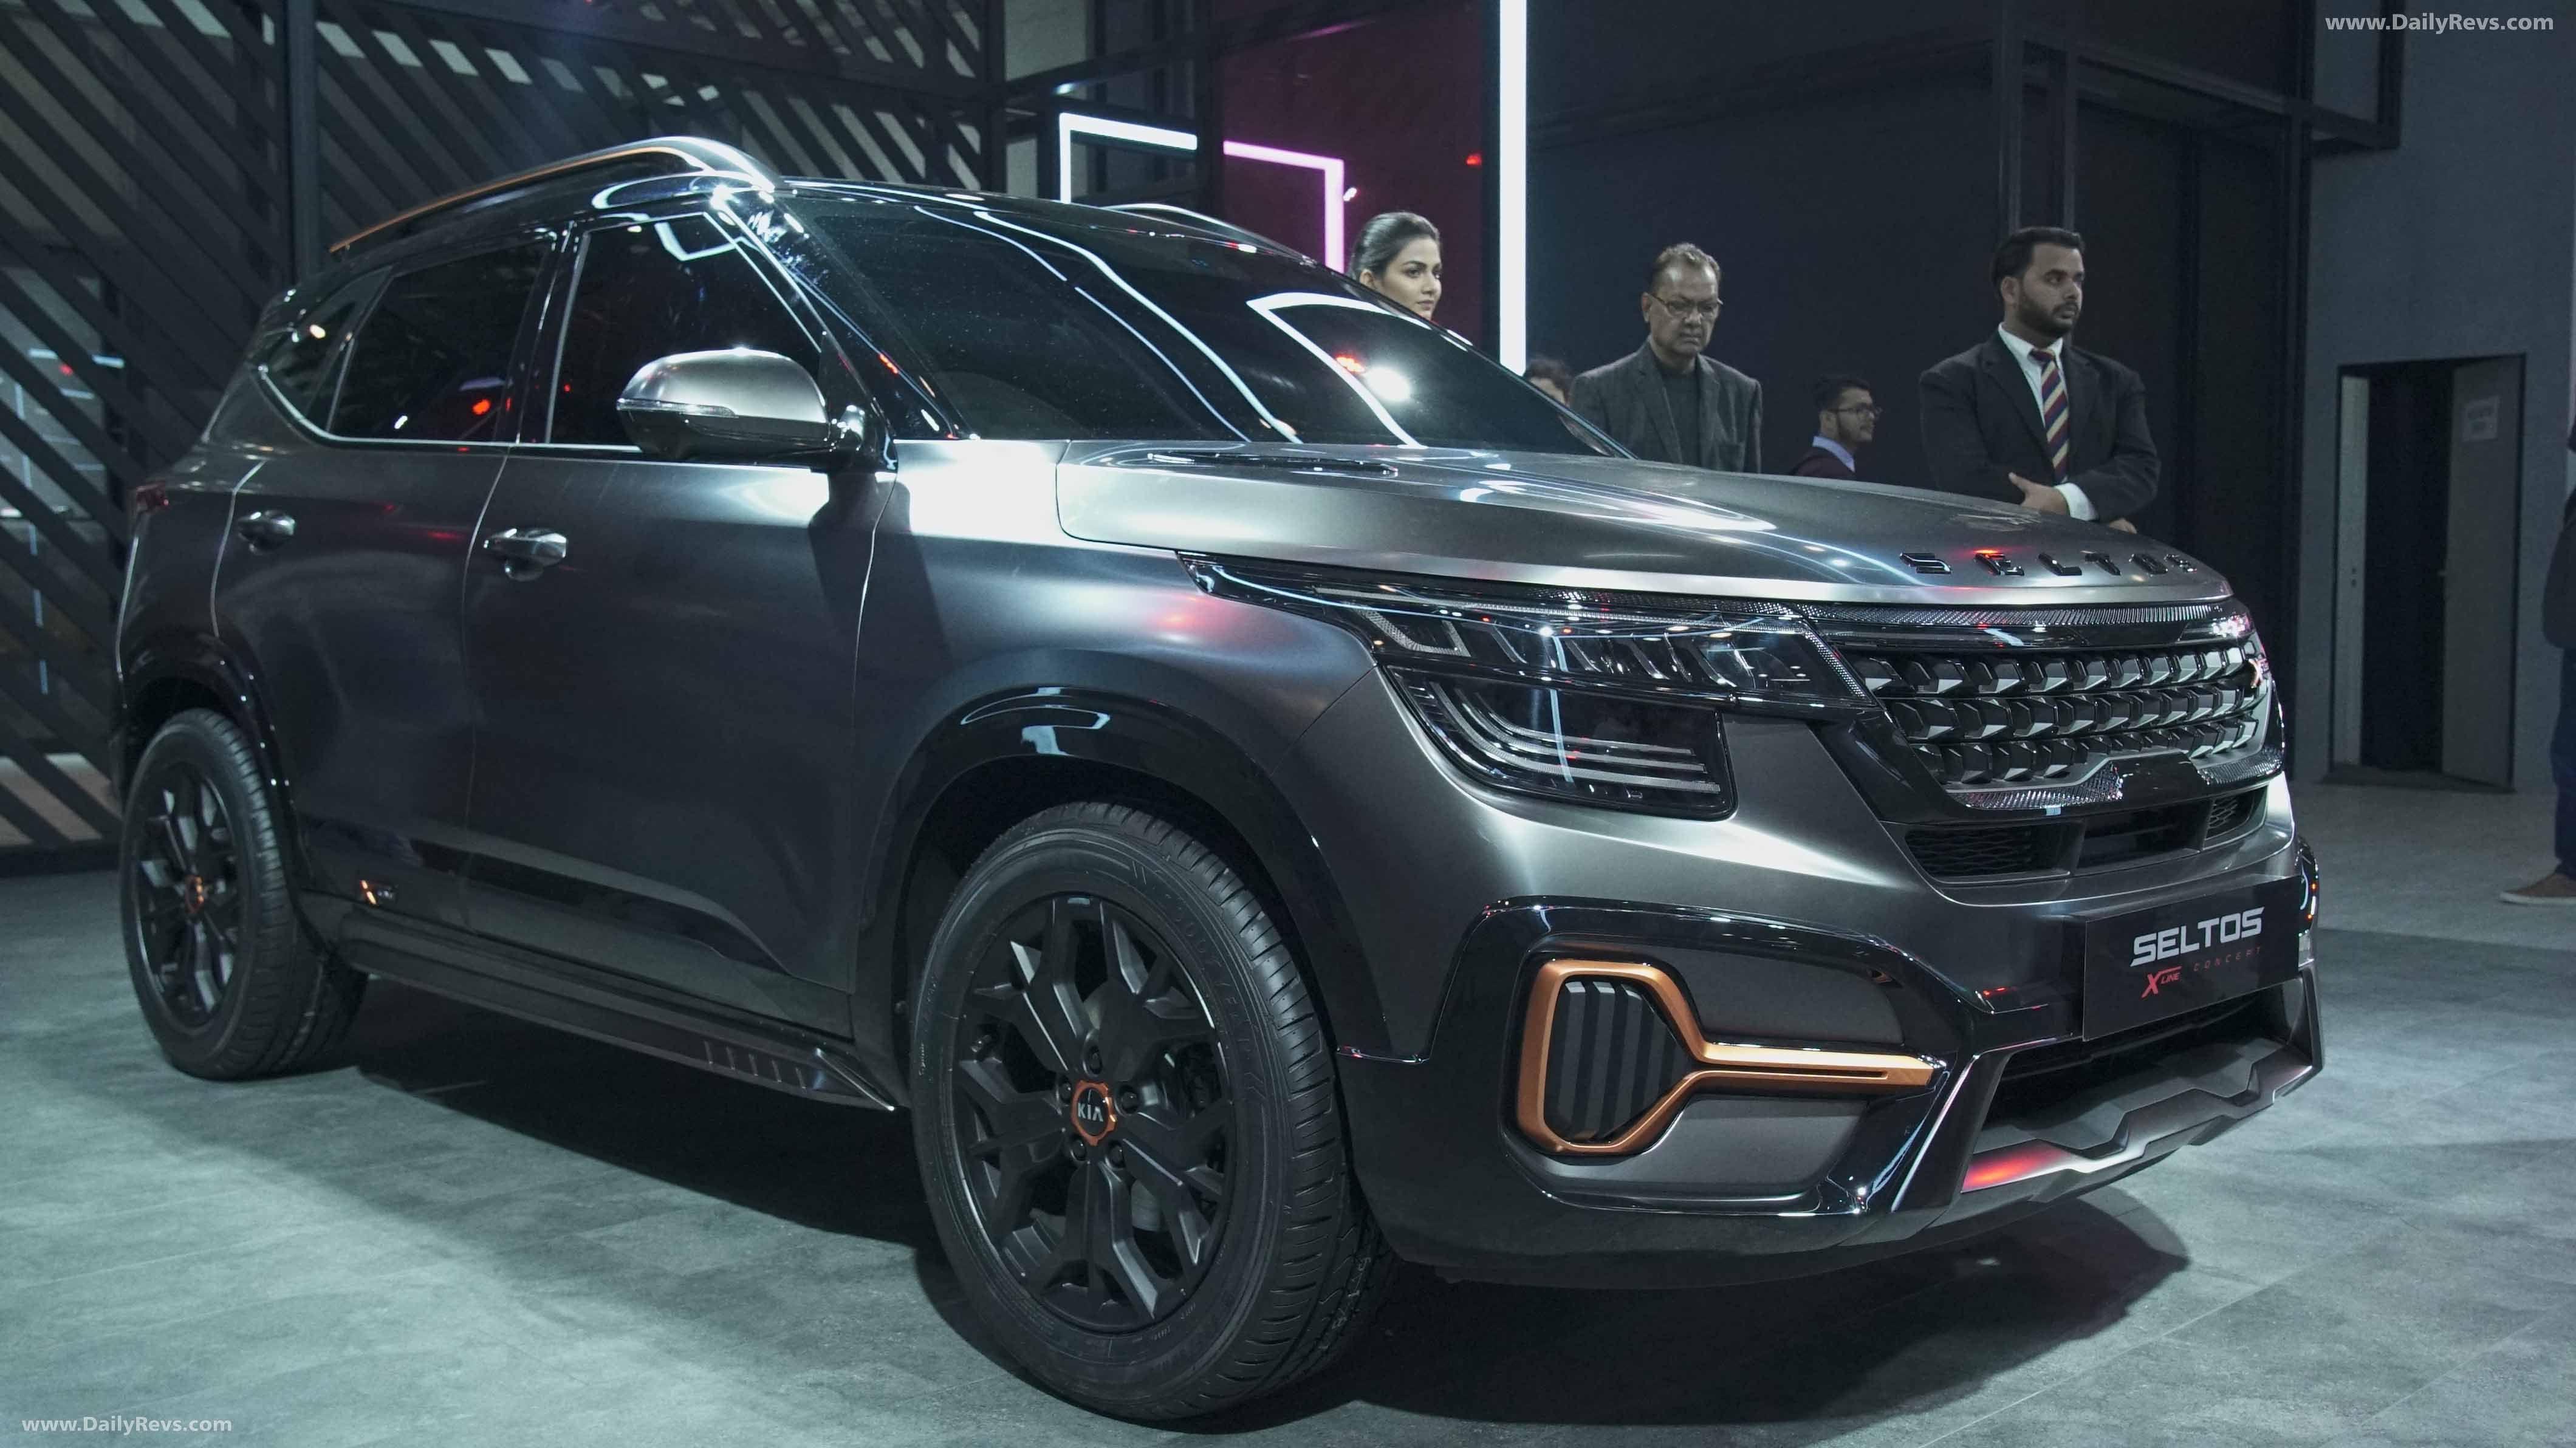 2020 Kia Seltos X Line Dailyrevs In 2020 Kia Compact Suv Kia Motors